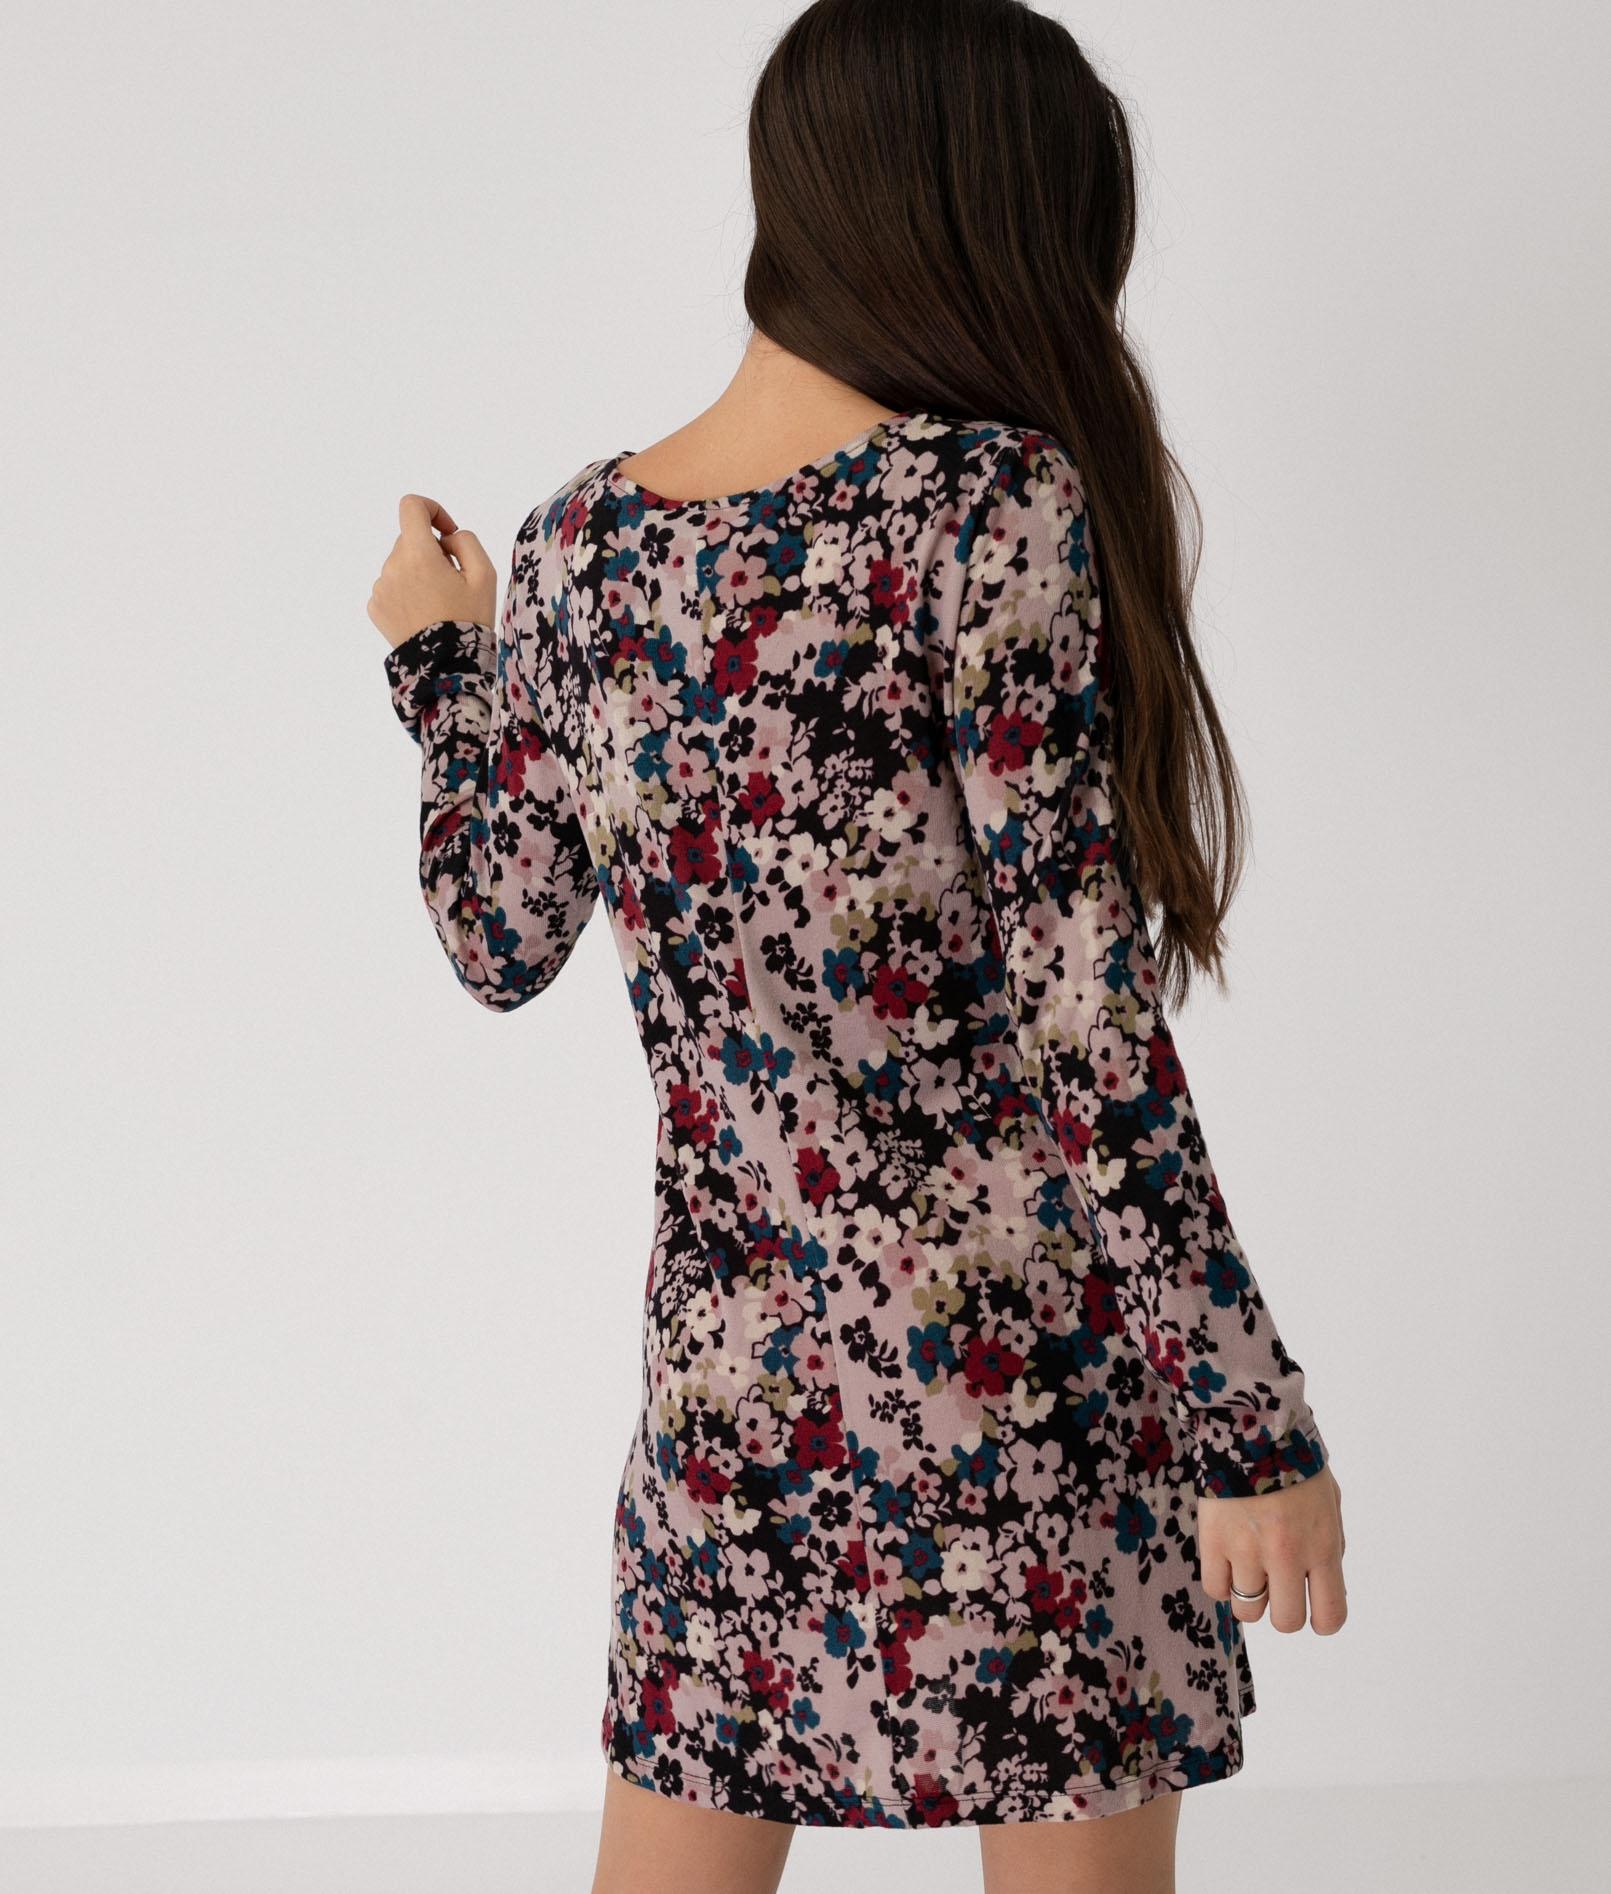 DRESS CODRAS - ROSA